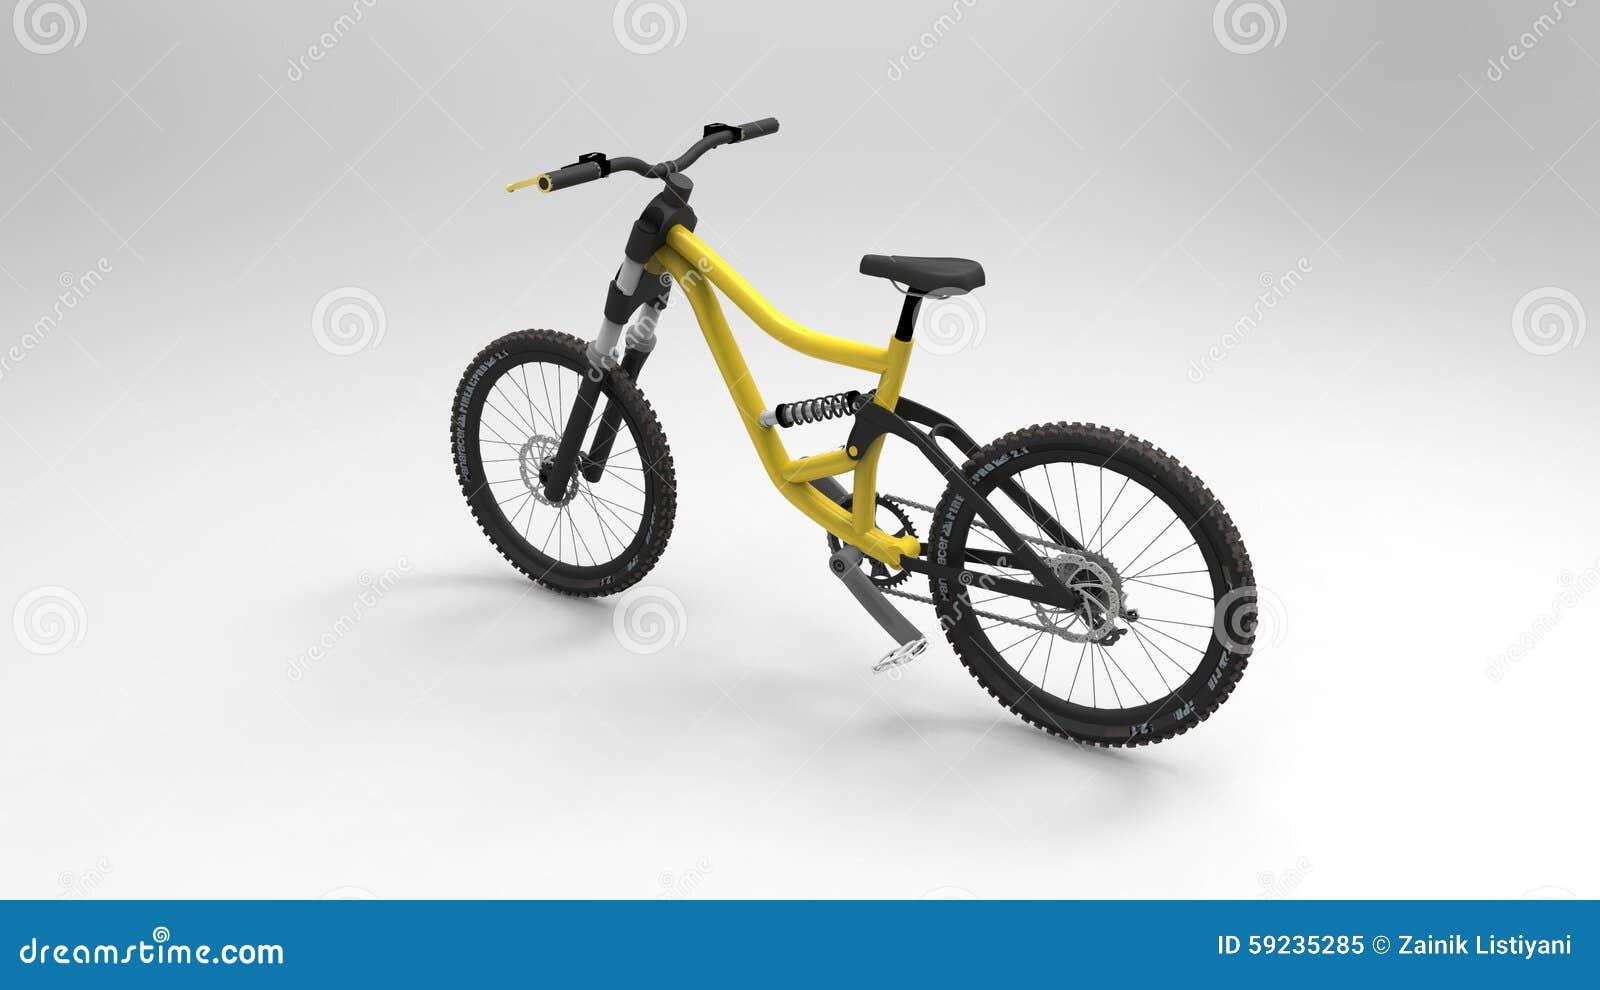 Download Bicicleta imagen editorial. Ilustración de bicicleta - 59235285